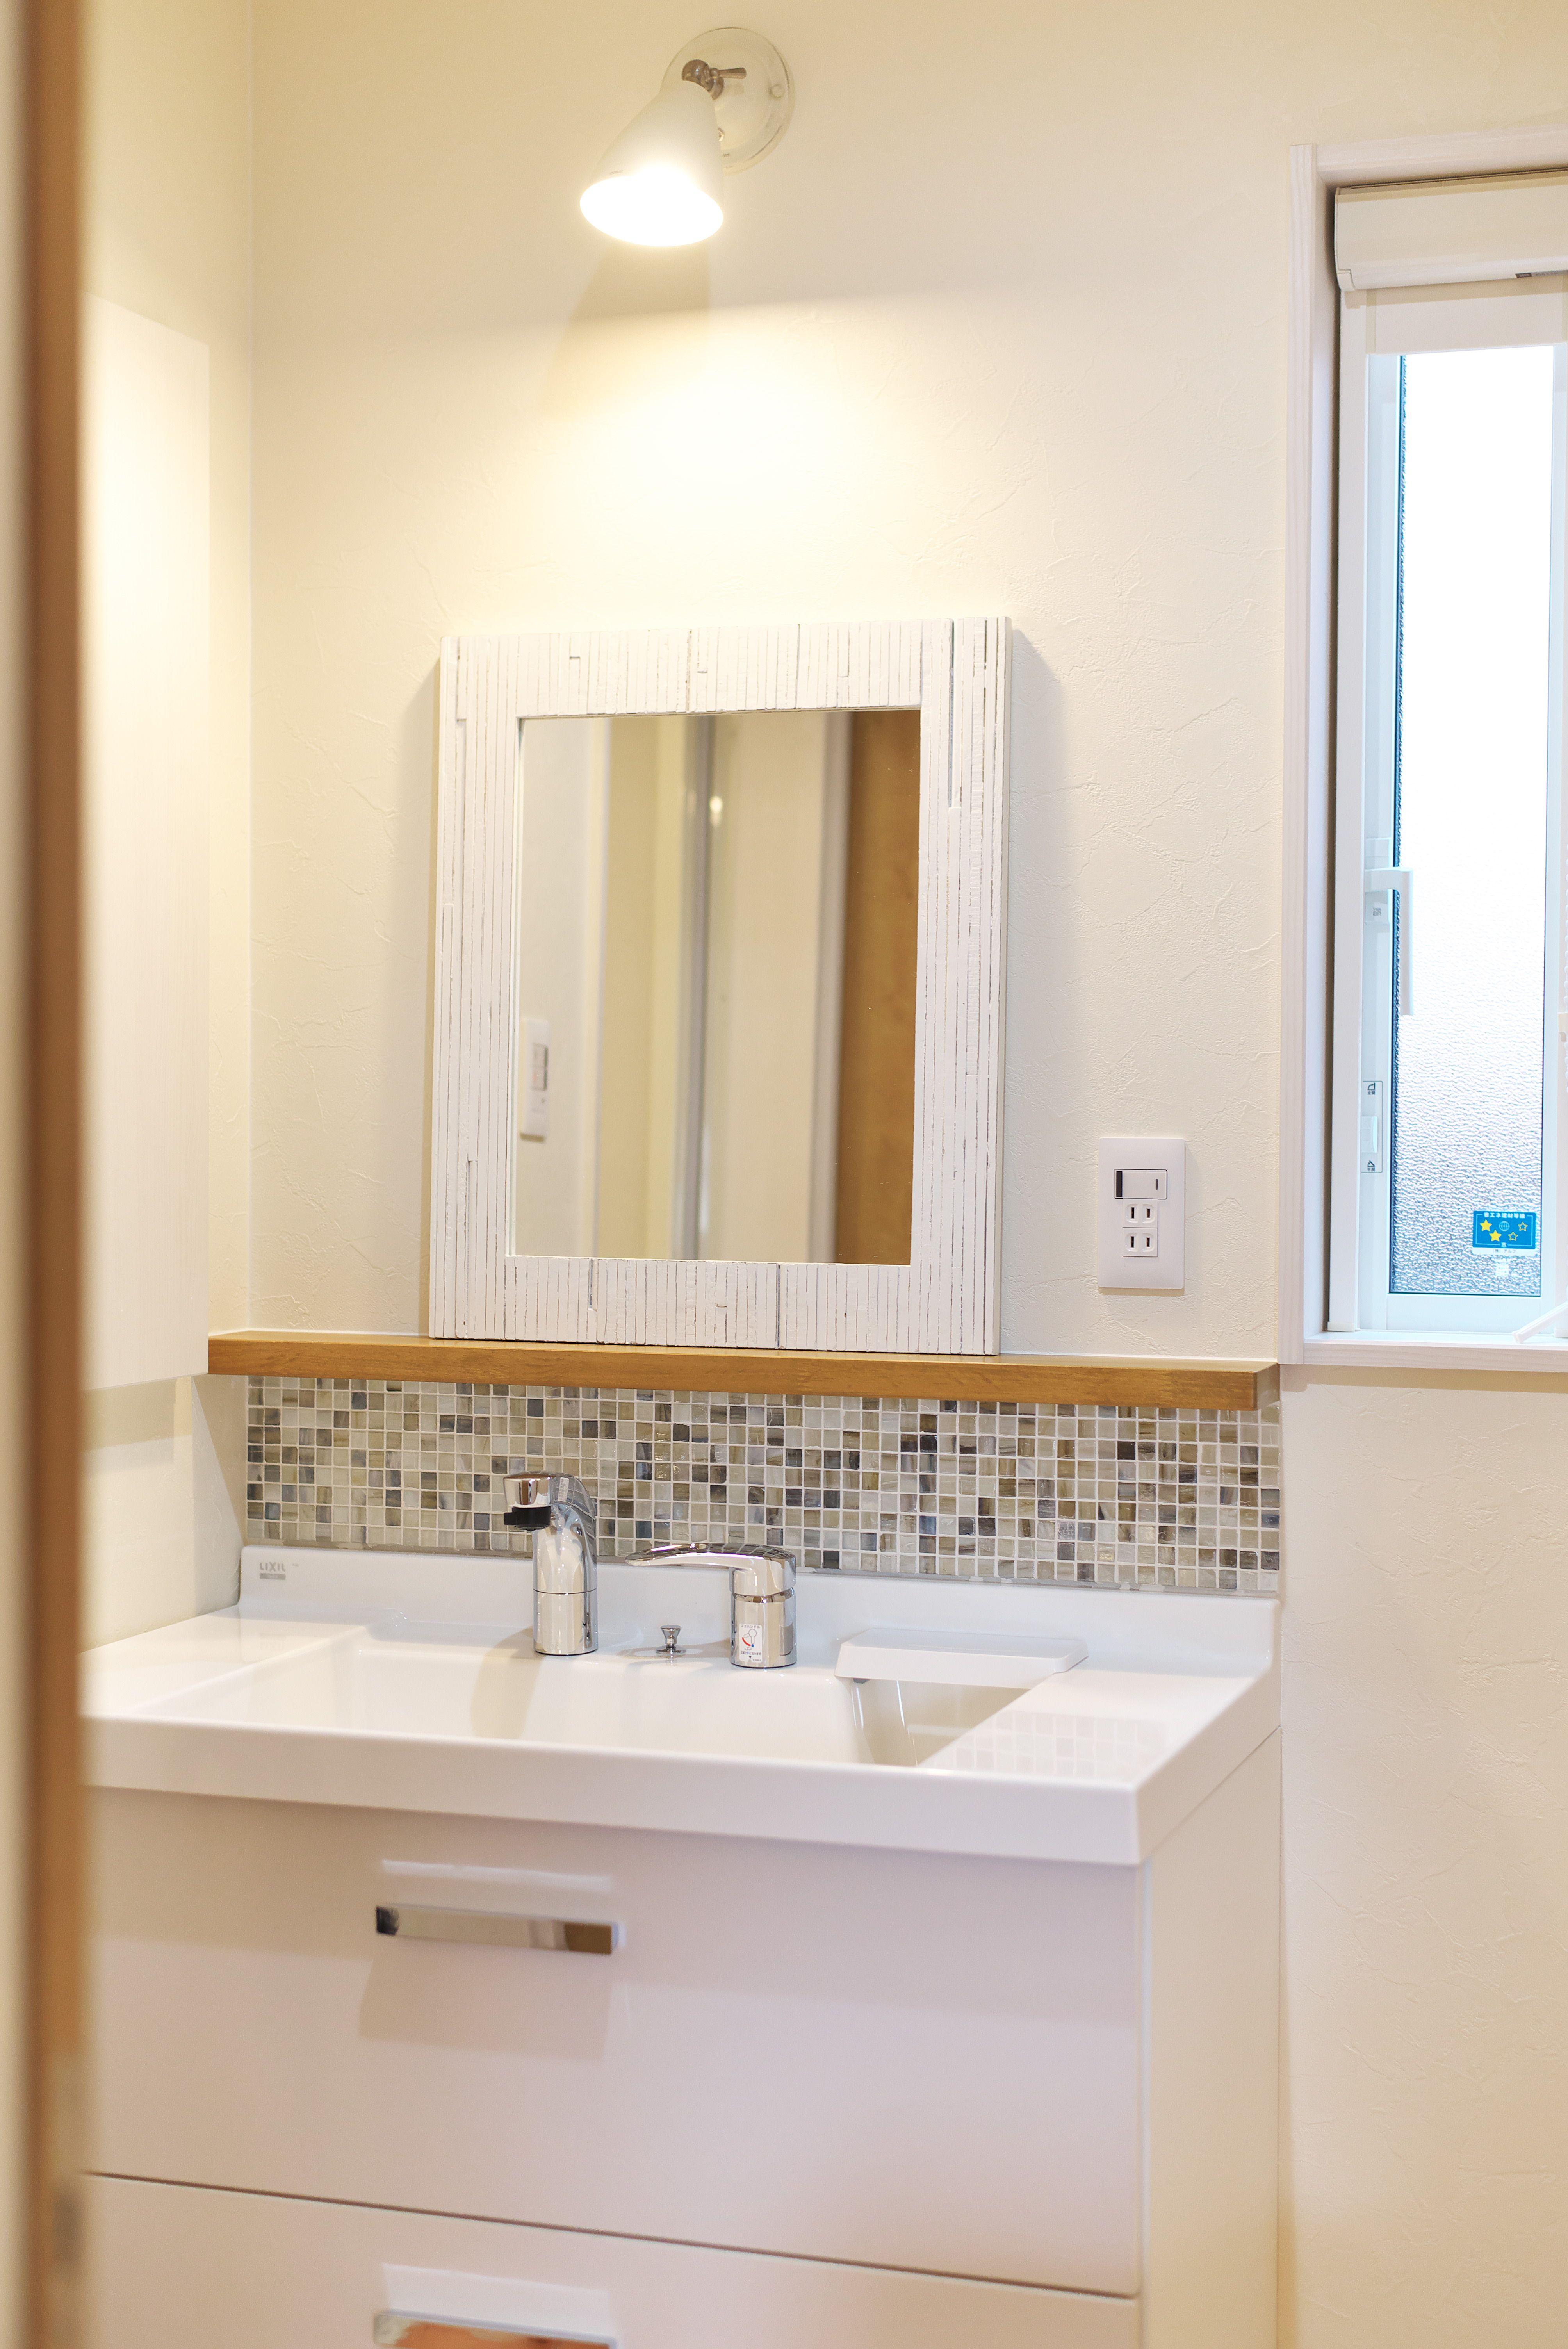 ハーフオーダの洗面台 鏡や照明は好きなものを選んでオリジナル 洗面